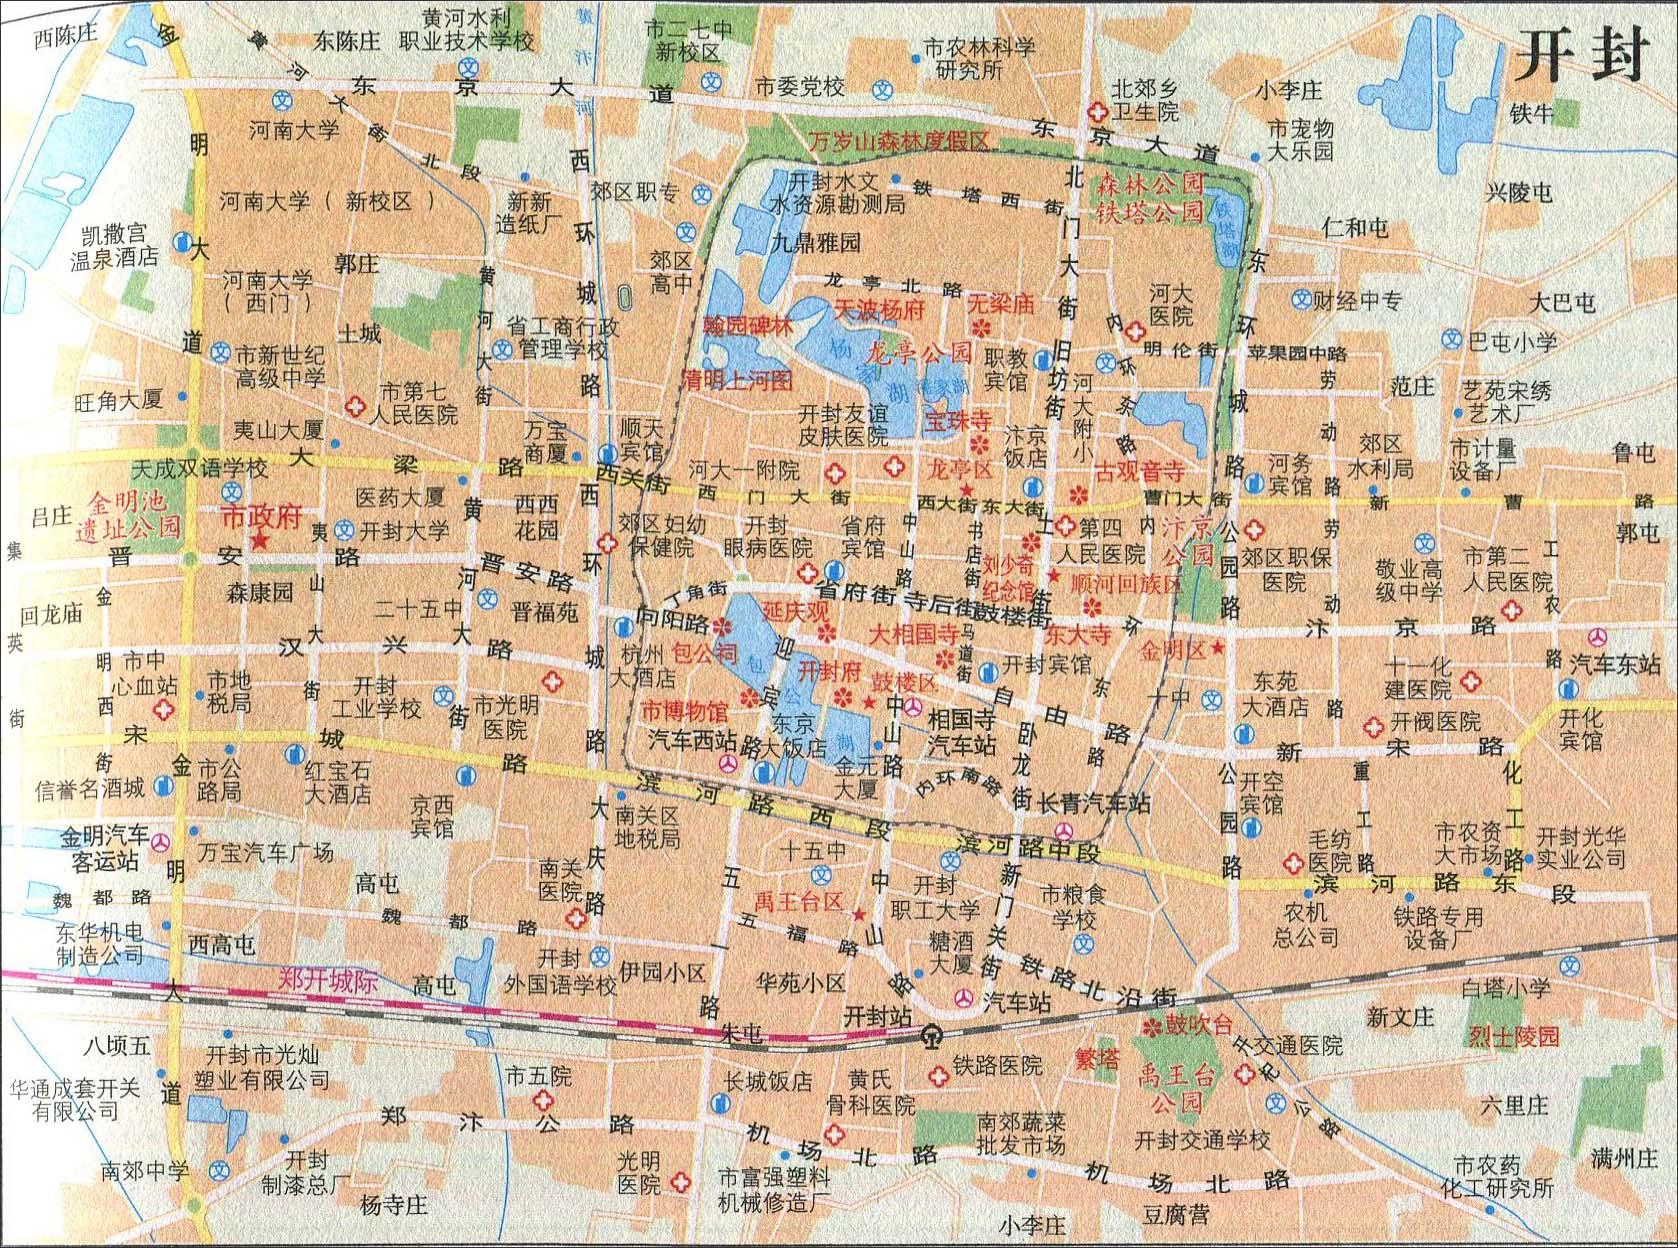 地图库 旅游地图 河南旅游 >> 开封旅游交通地图  景点导航:世界旅游